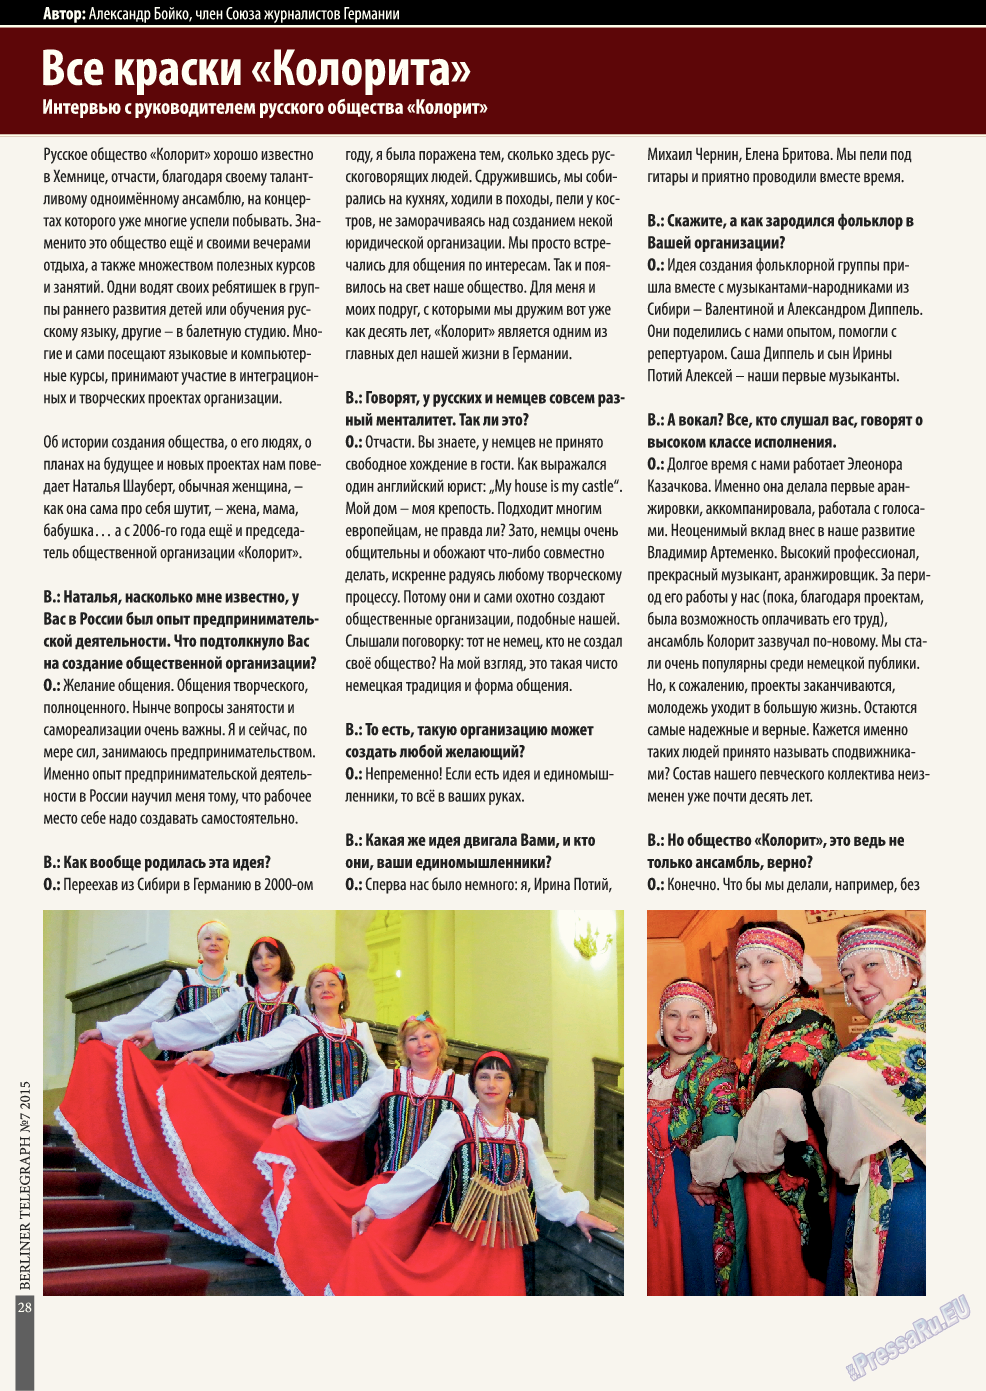 Берлинский телеграф (журнал). 2015 год, номер 8, стр. 28